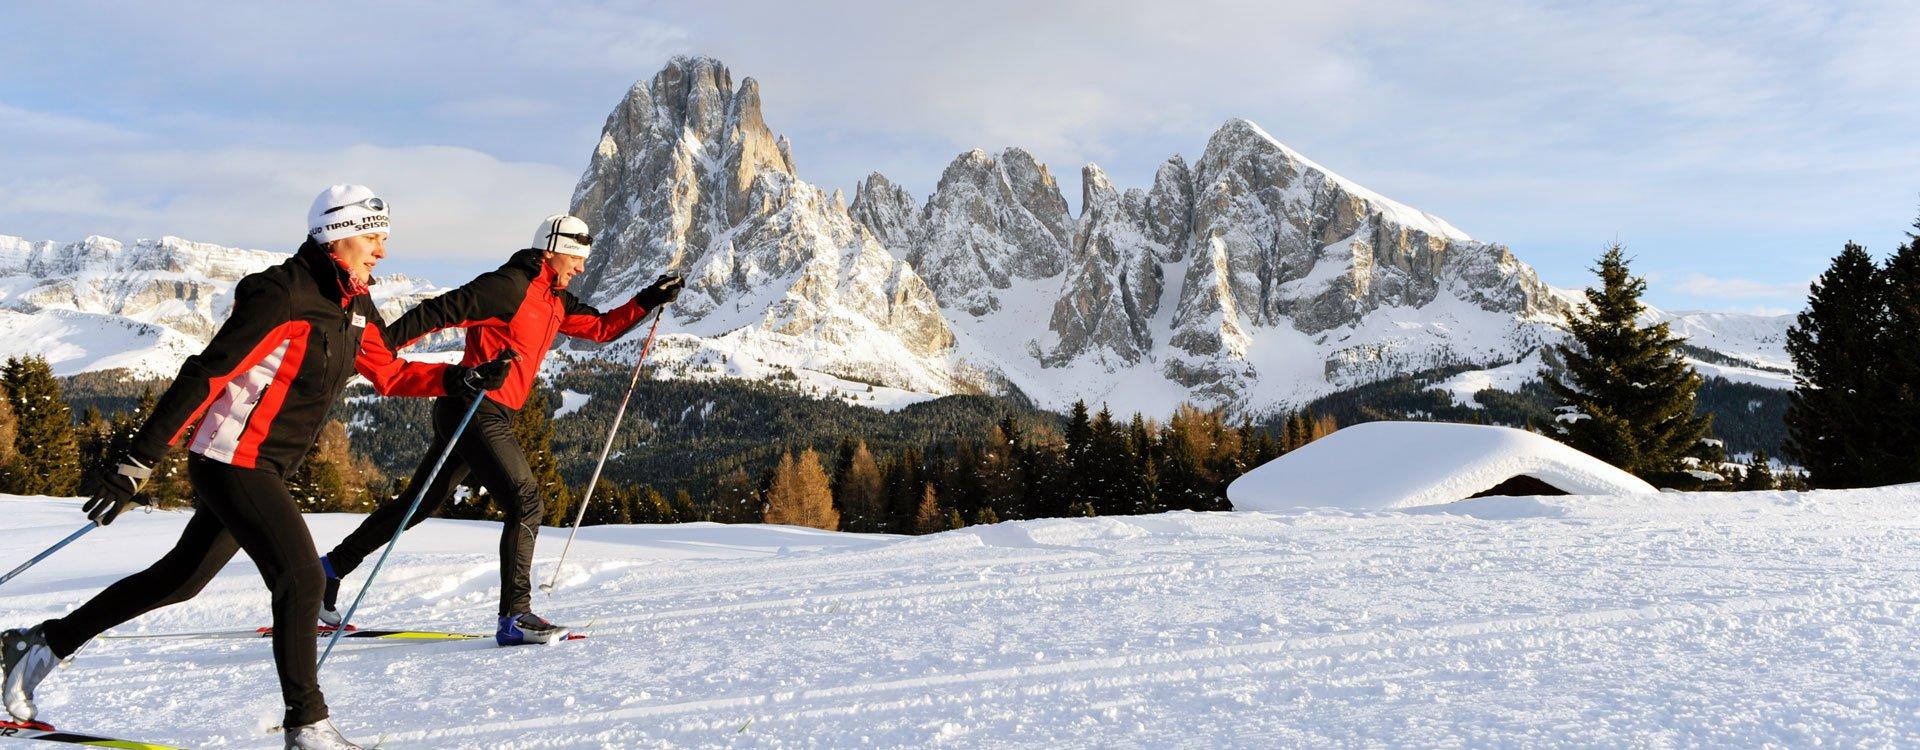 skiurlaub-seiser-alm-04